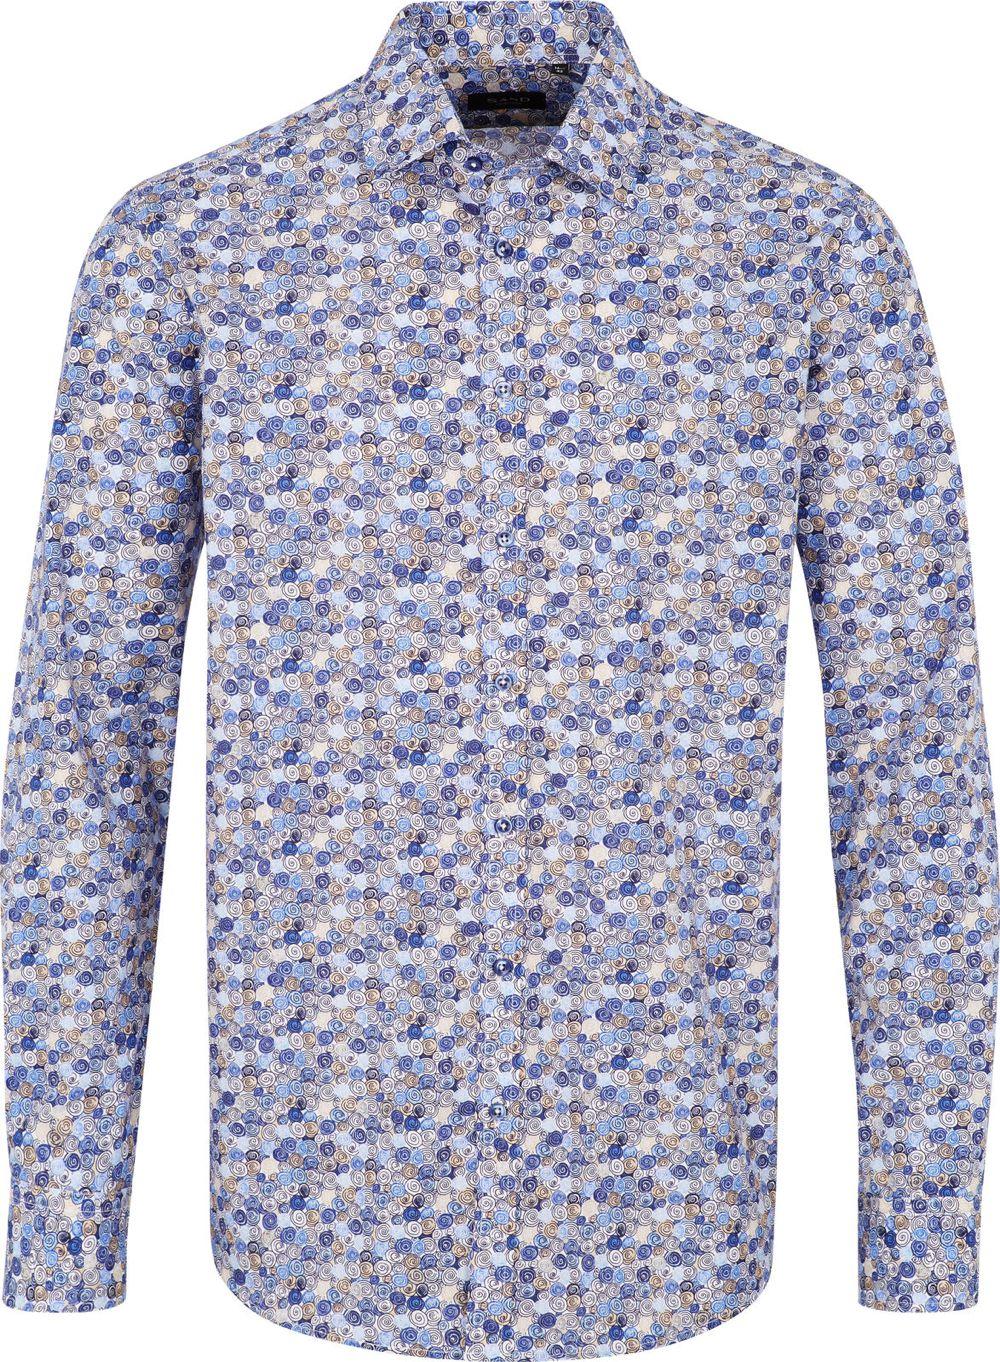 Bild 1 av Iver Shirt